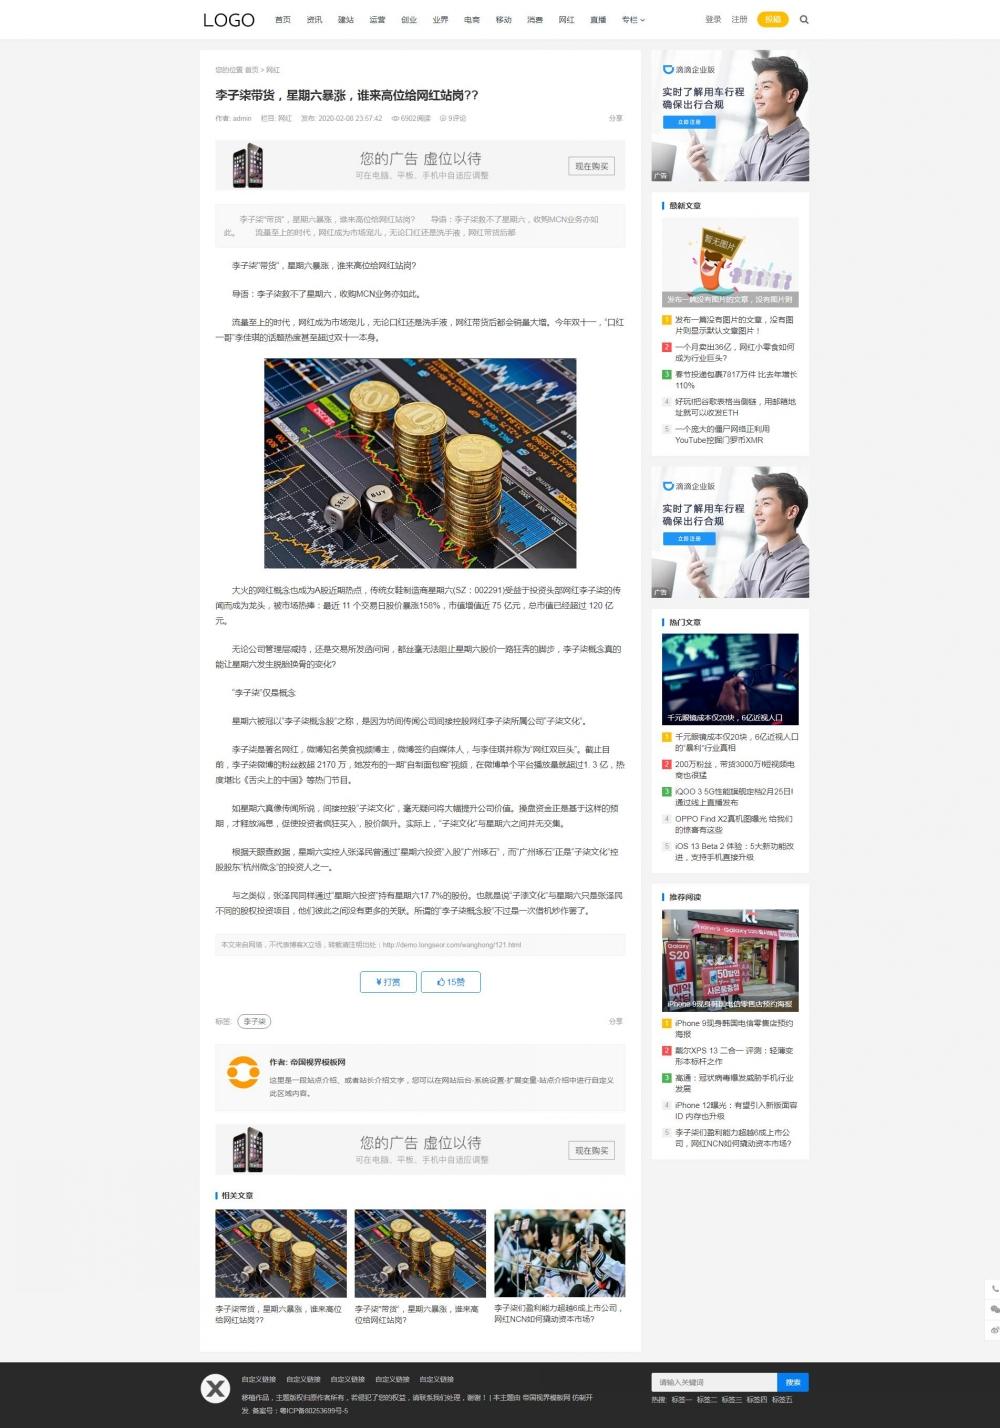 文章内容页.jpg [DG-062]帝国CMS自媒体新闻博客文章资讯模板(带会员中心) 新闻资讯 第3张